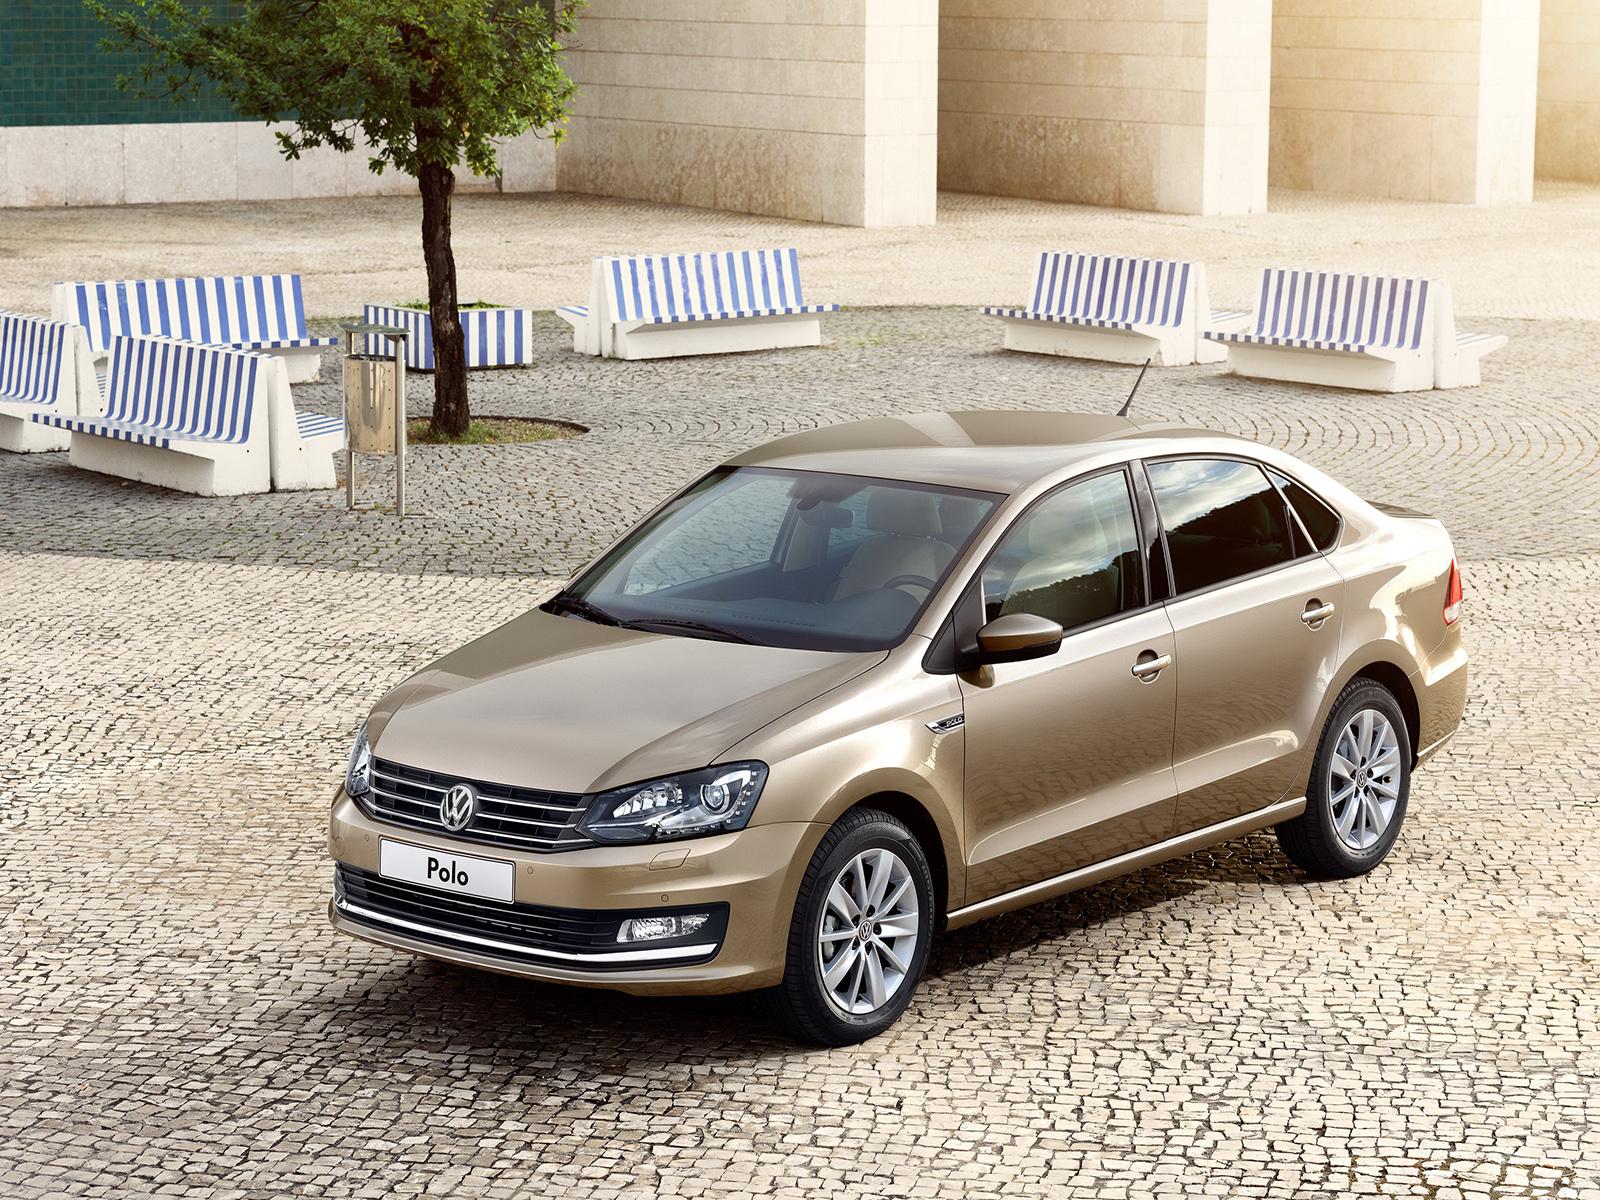 Фото Volkswagen Polo Life 1.6 MPI